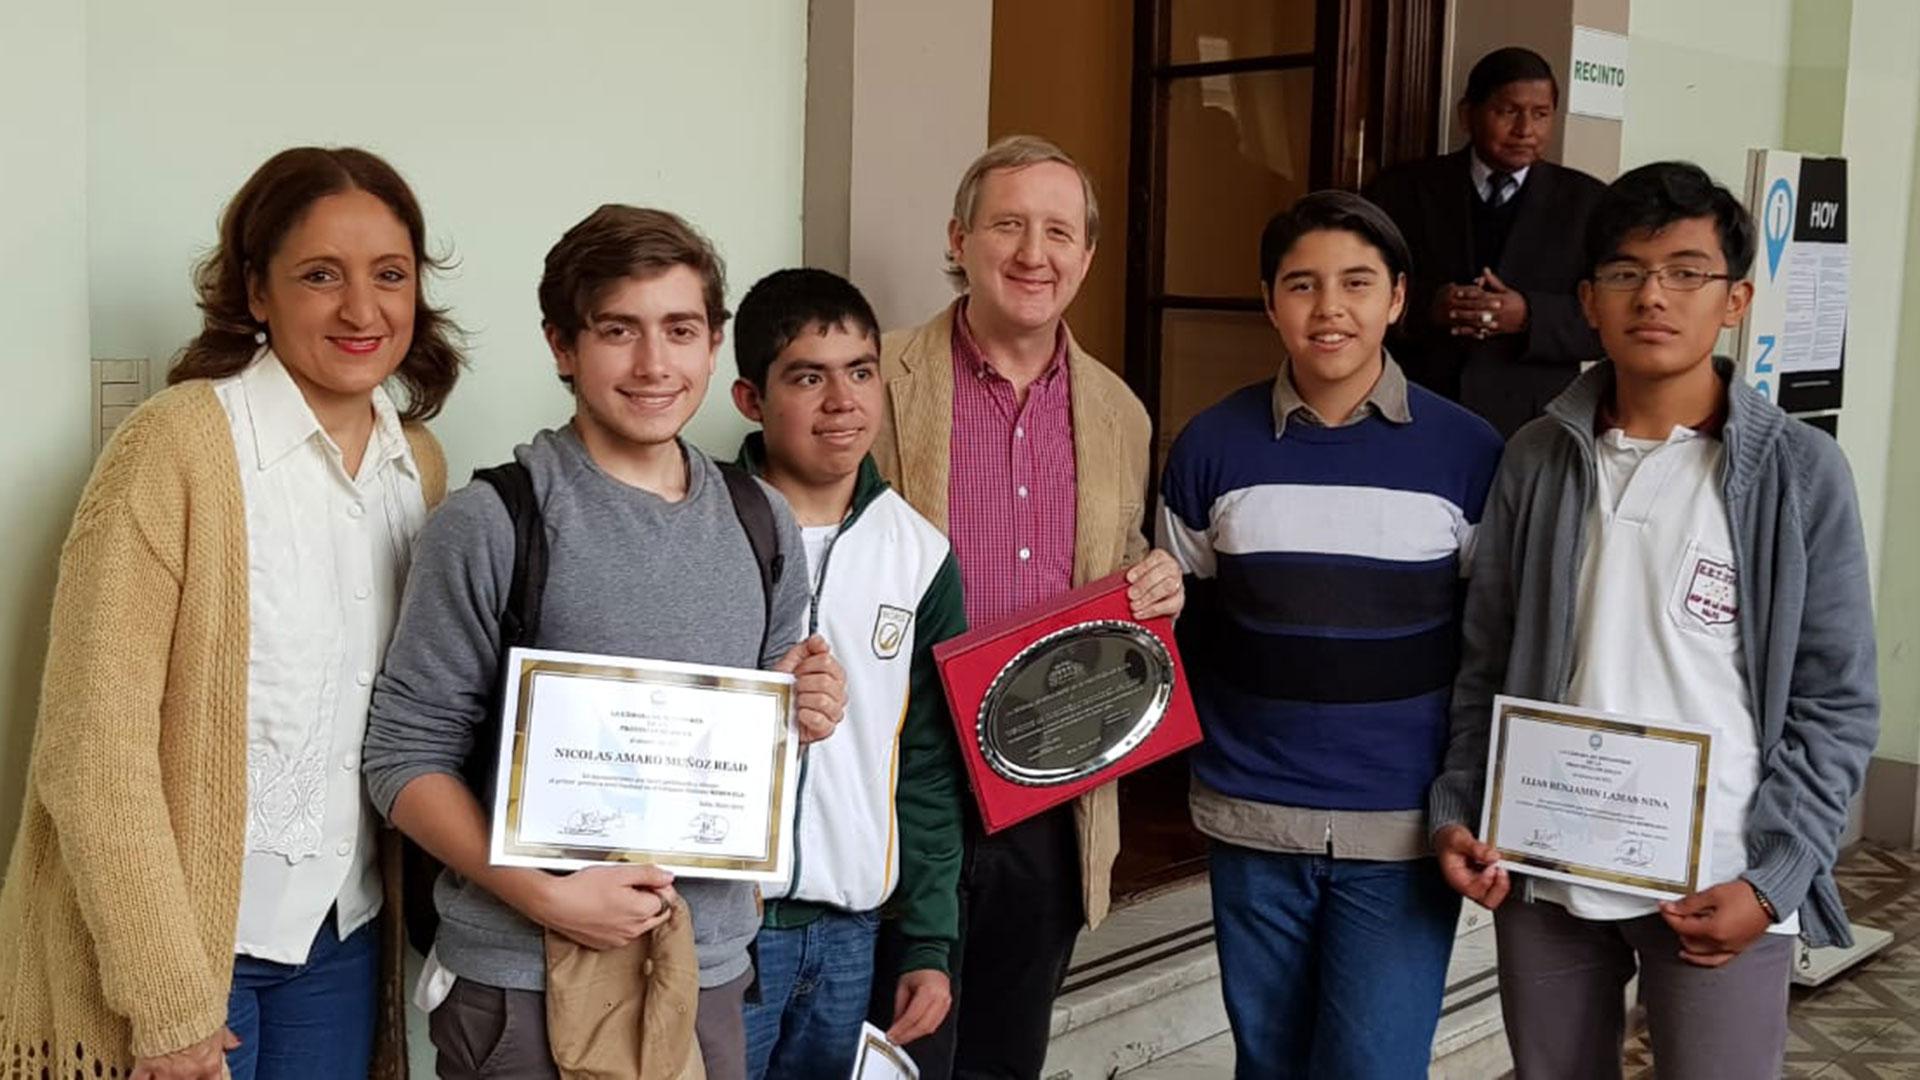 (De izquierda a derecha) Profesora Cecilia Budeguer Nicolas Muñoz Read; Manuel Gorjon;ingeniero Gustavo Viollaz;Joaquín Argañaraz Fernandez y Elías Benjamín Lamas.